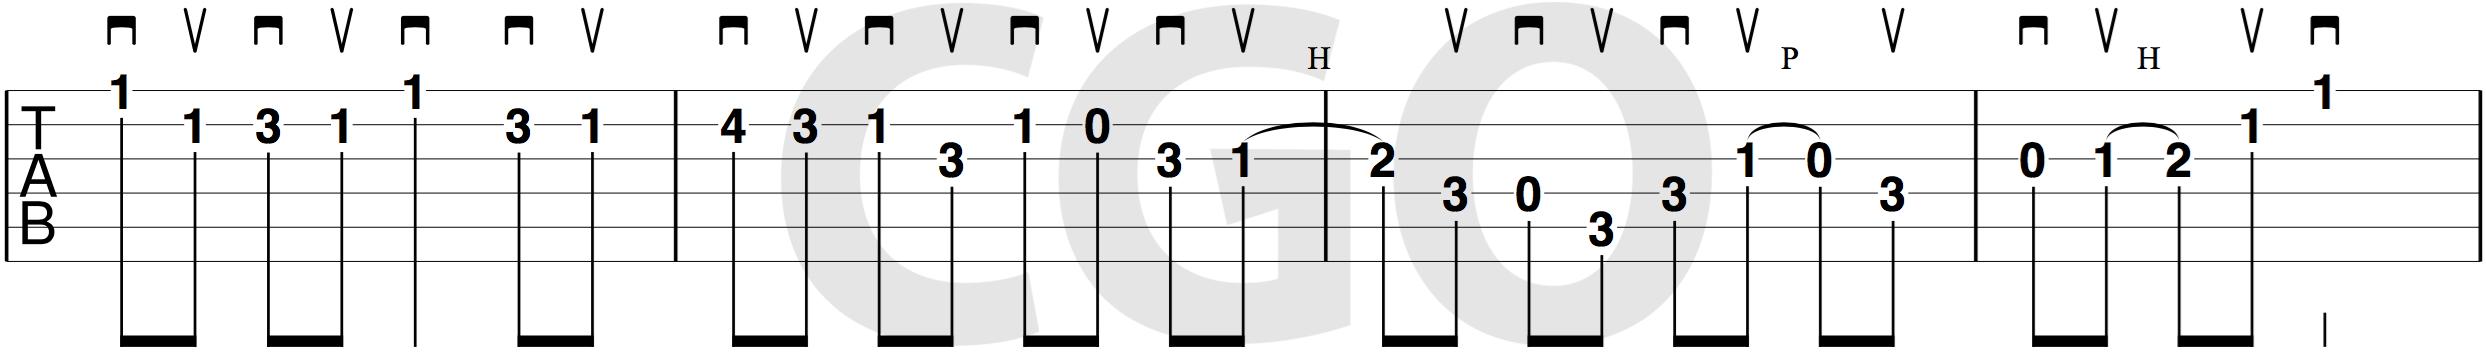 bluegrass-guitar-lick-tablature-bl-f0001